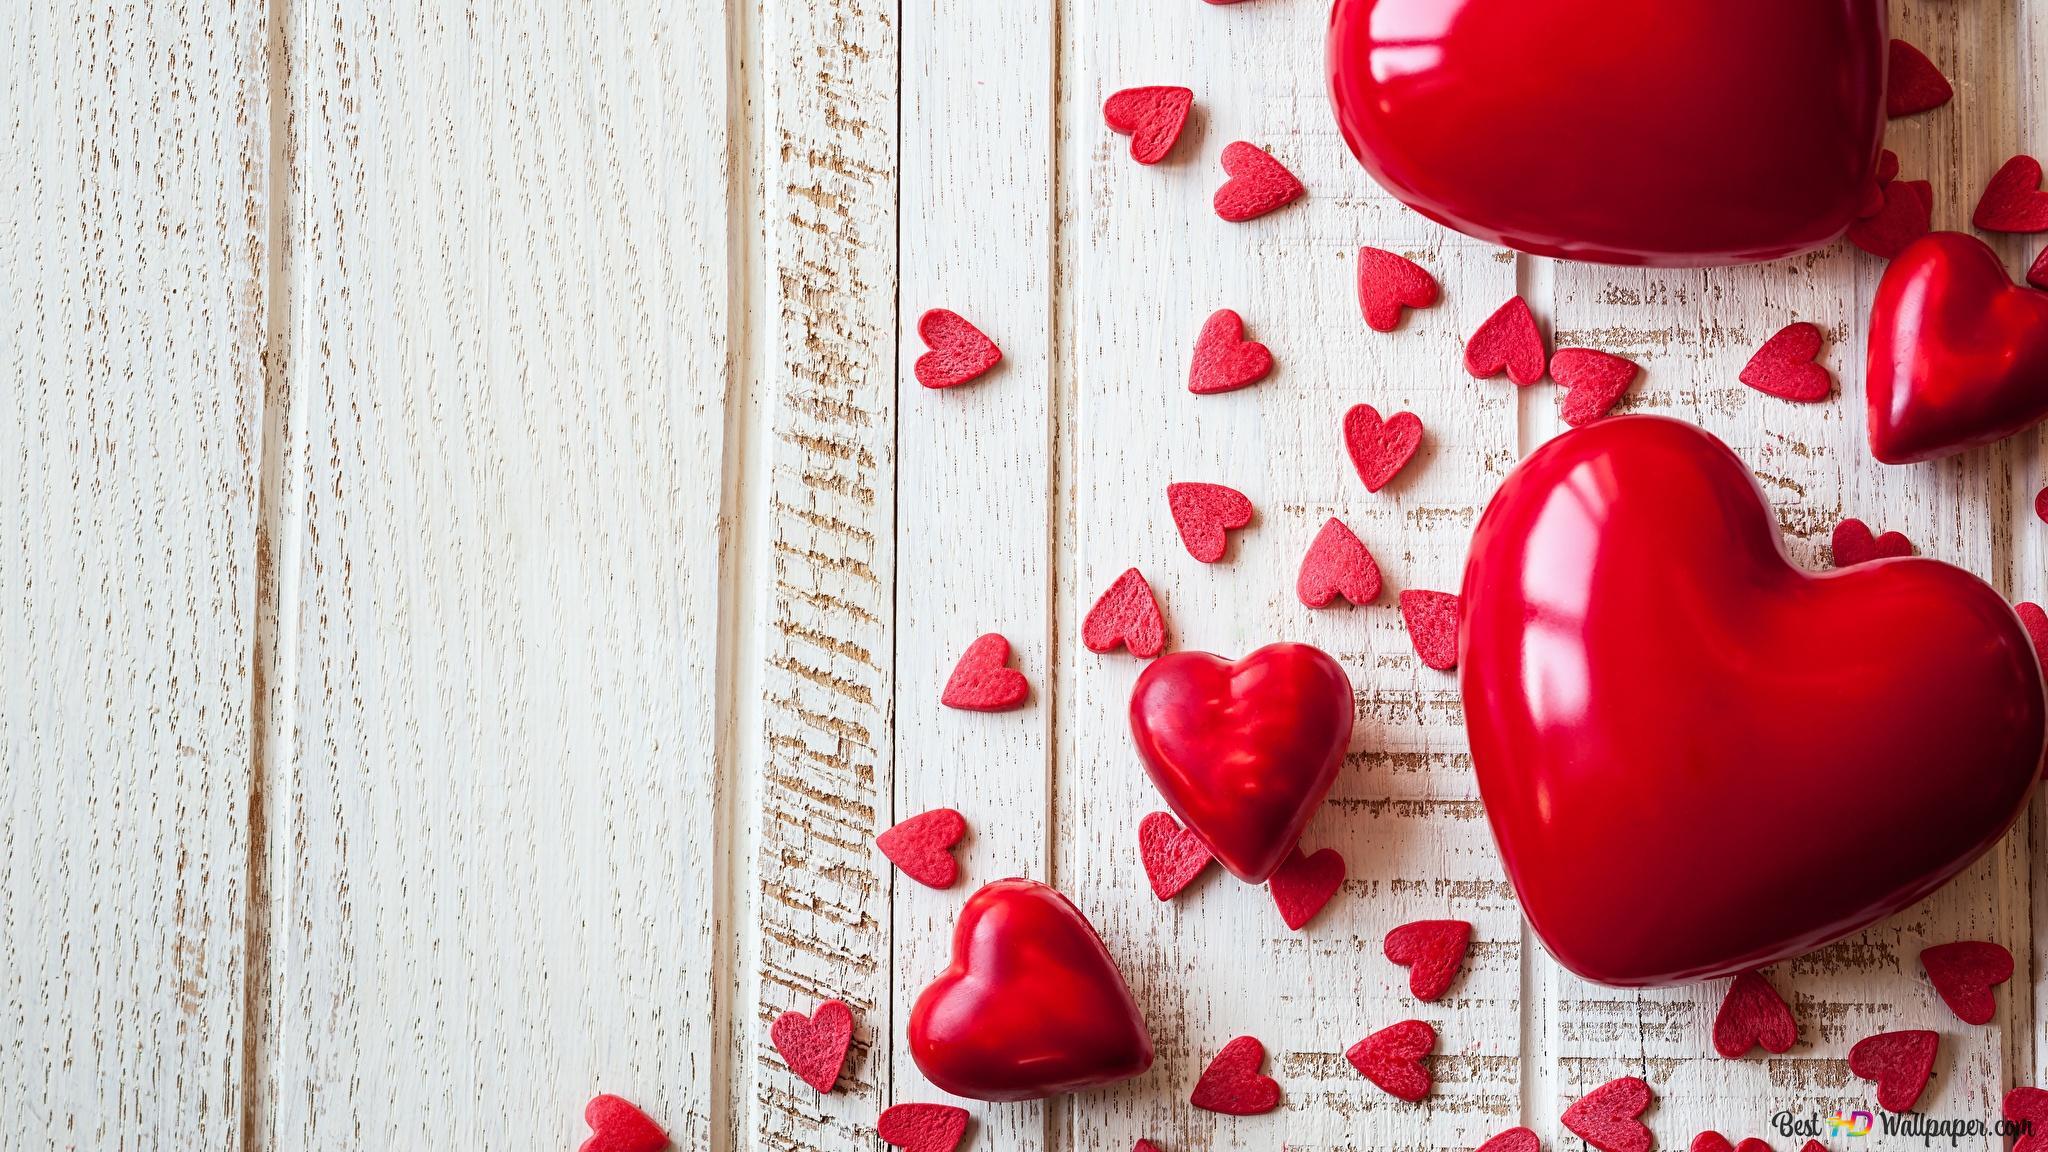 San Valentino Cuore Rosso Vicino Download Di Sfondi Hd